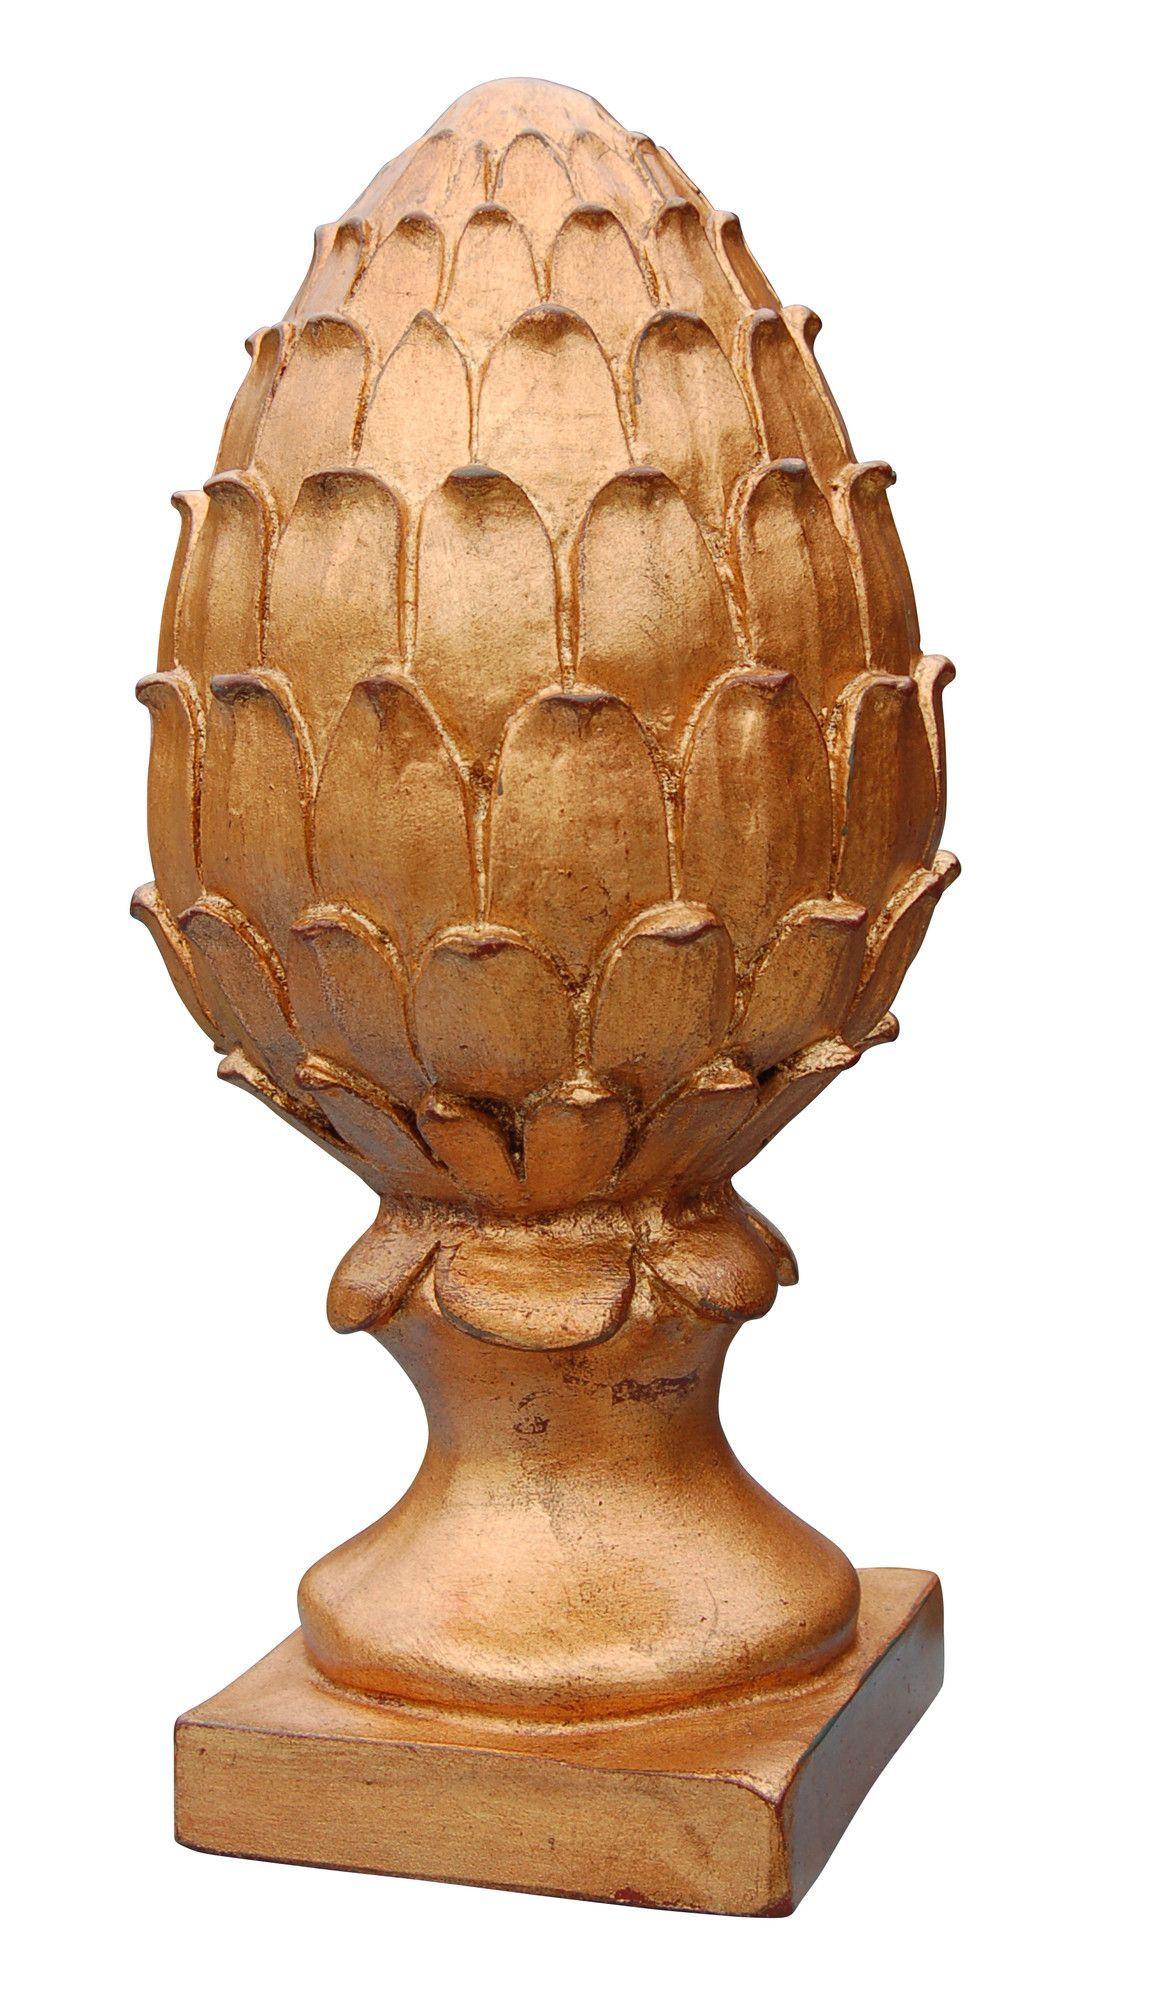 Lab Birds And Tree Figurine Tall Vase Decor Figurines